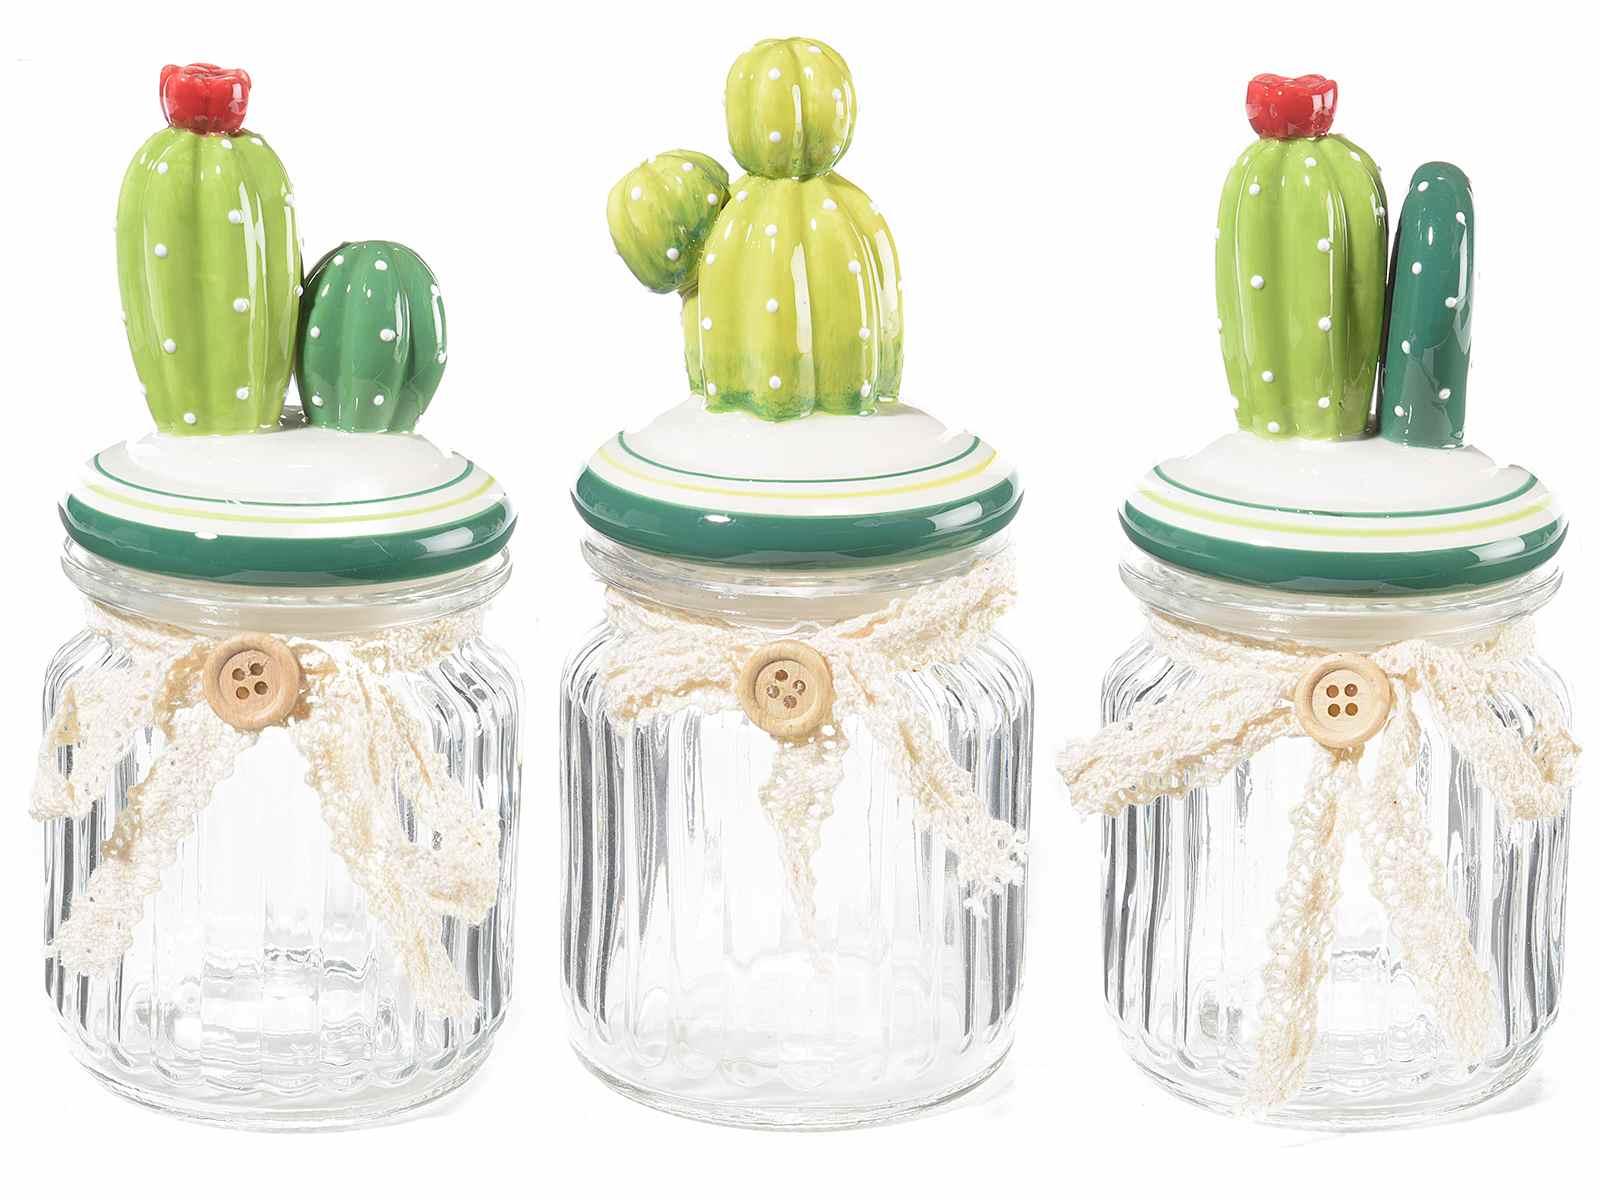 tarros de vidrio con tapa en forma de cactus - Tarros De Vidrio